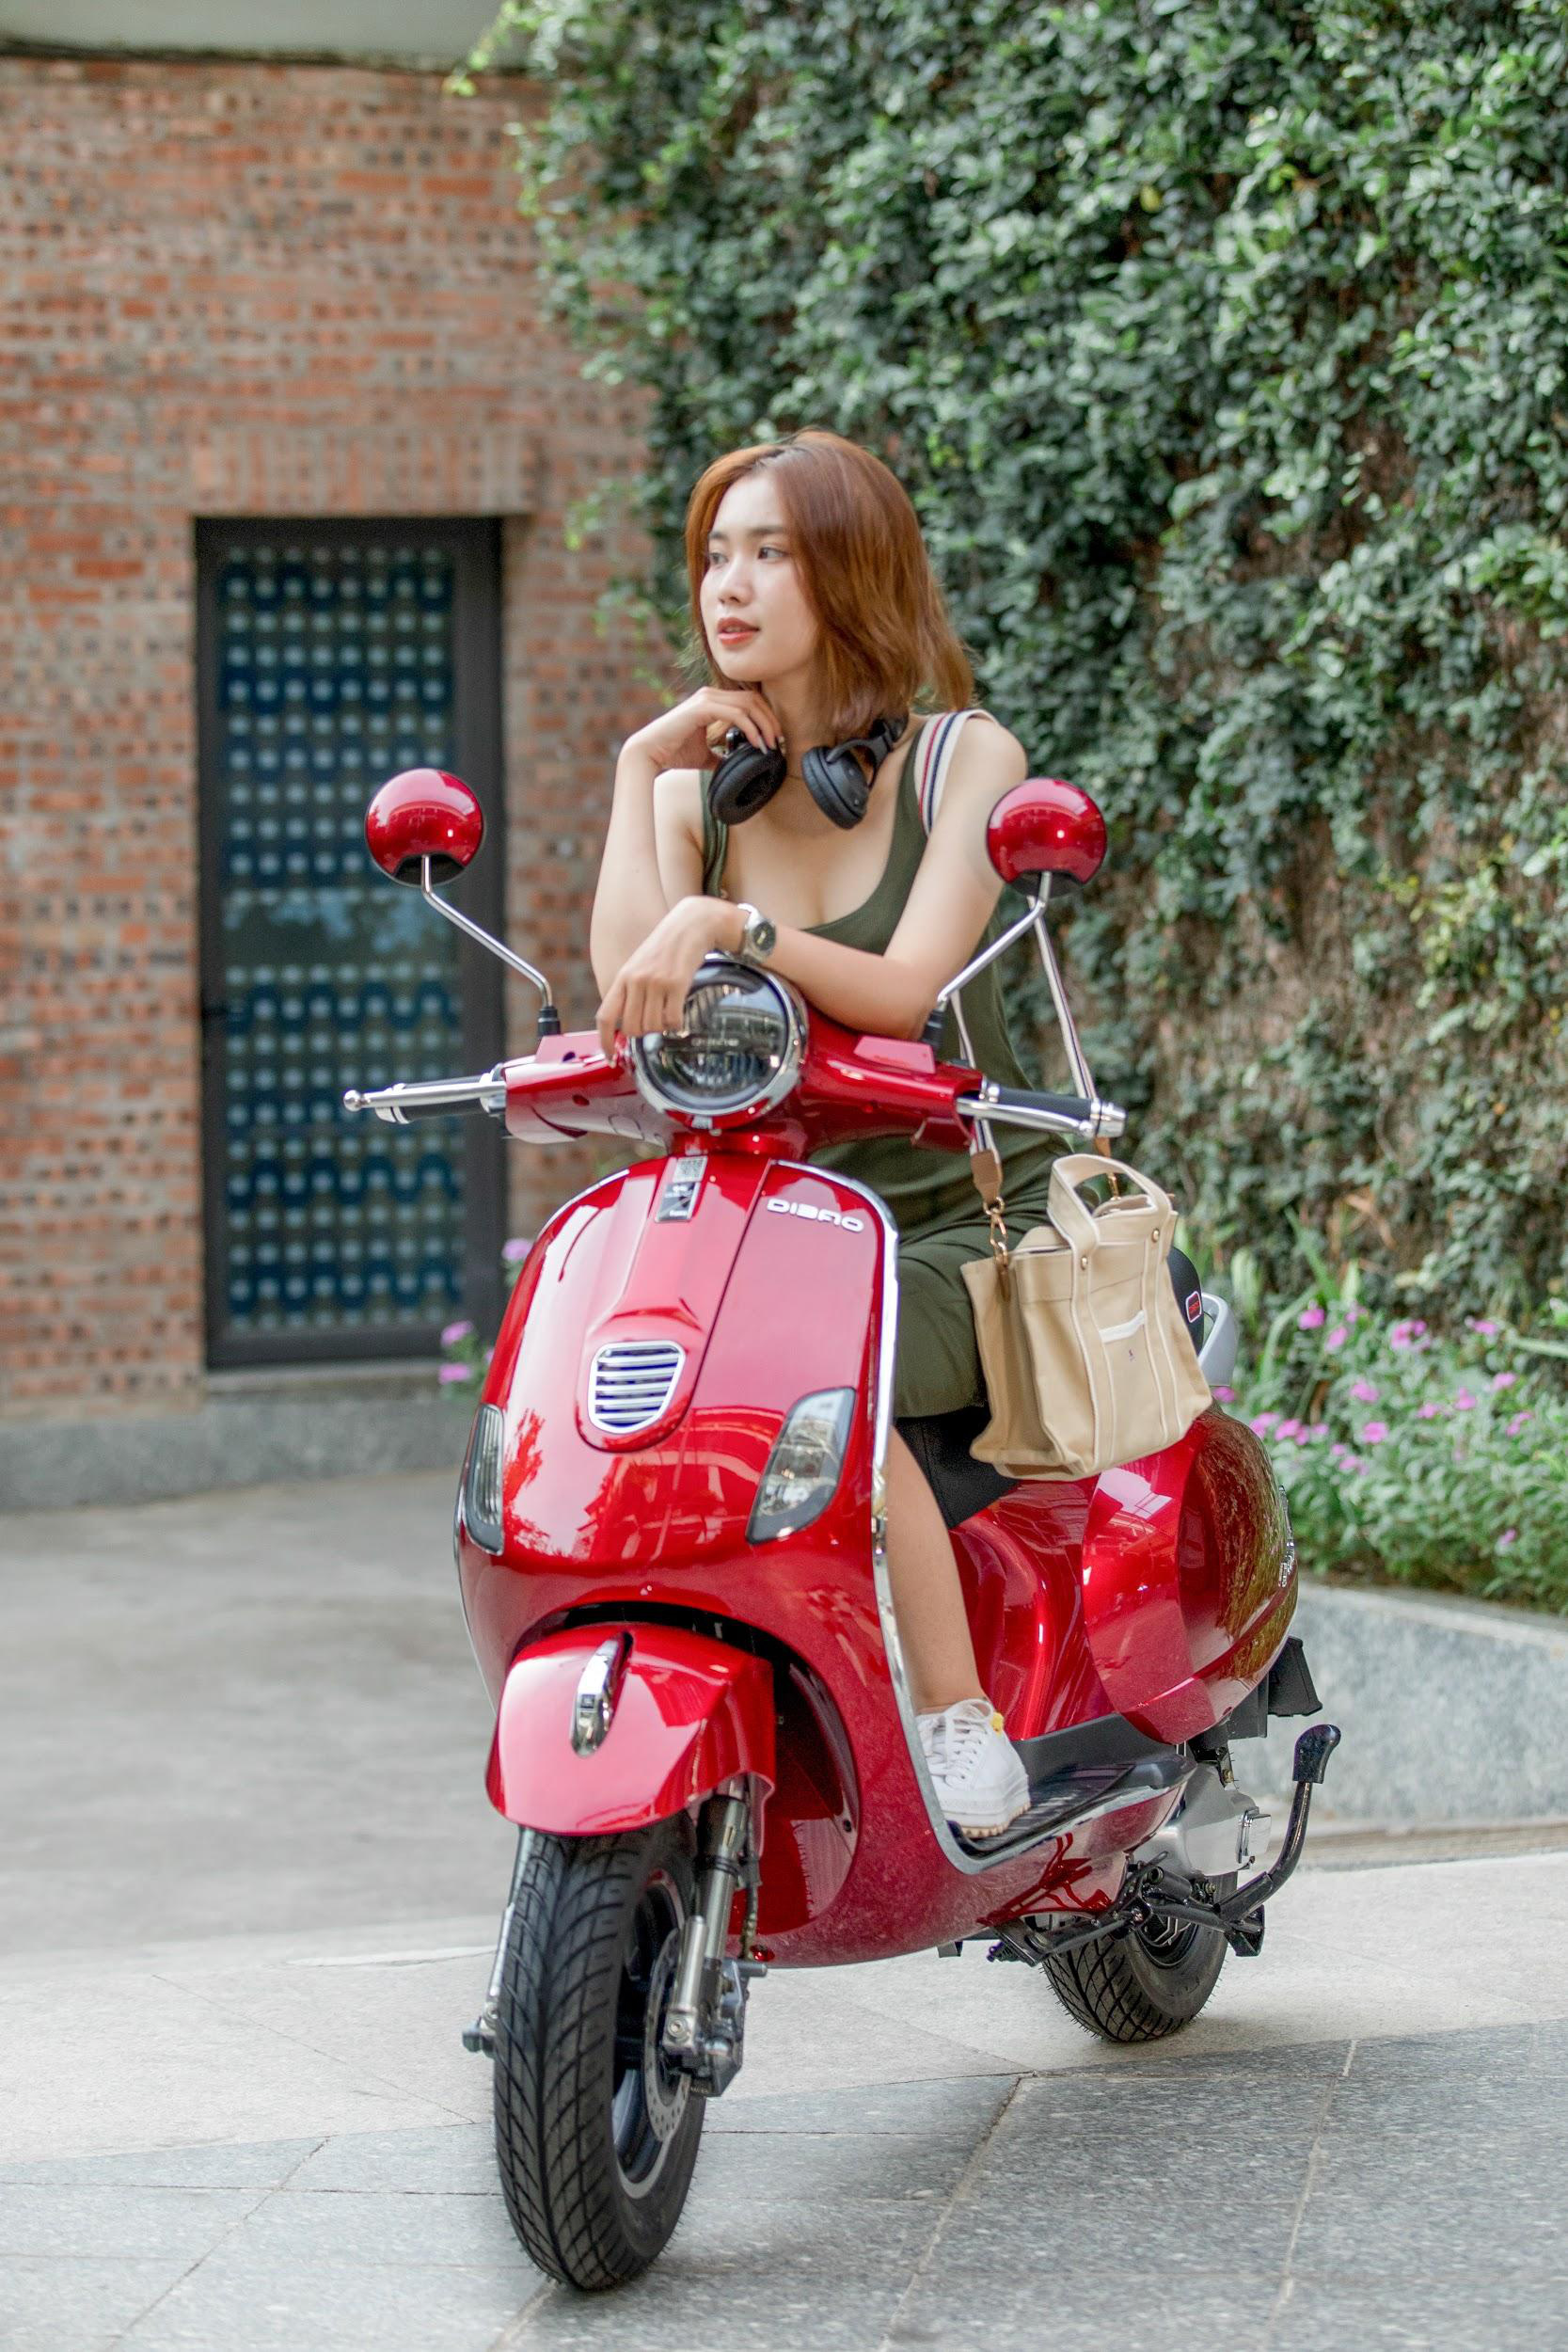 Đẳng cấp xe máy điện bền đẹp: Phụ huynh và học sinh tấm tắc khen ngợi hết lời - Ảnh 5.